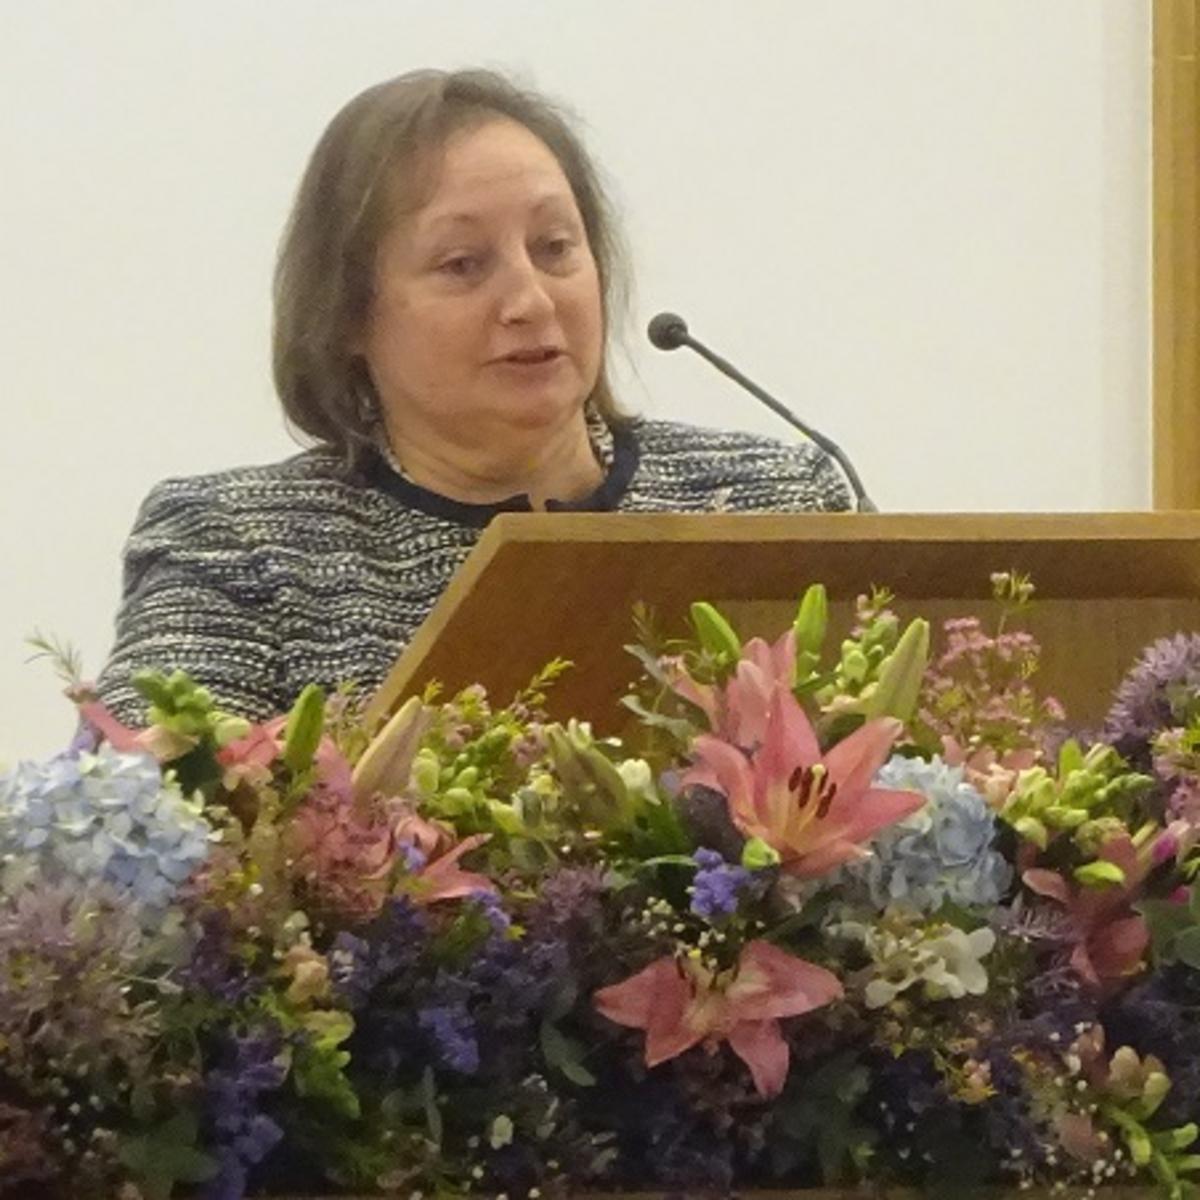 Rosa Cartanyá